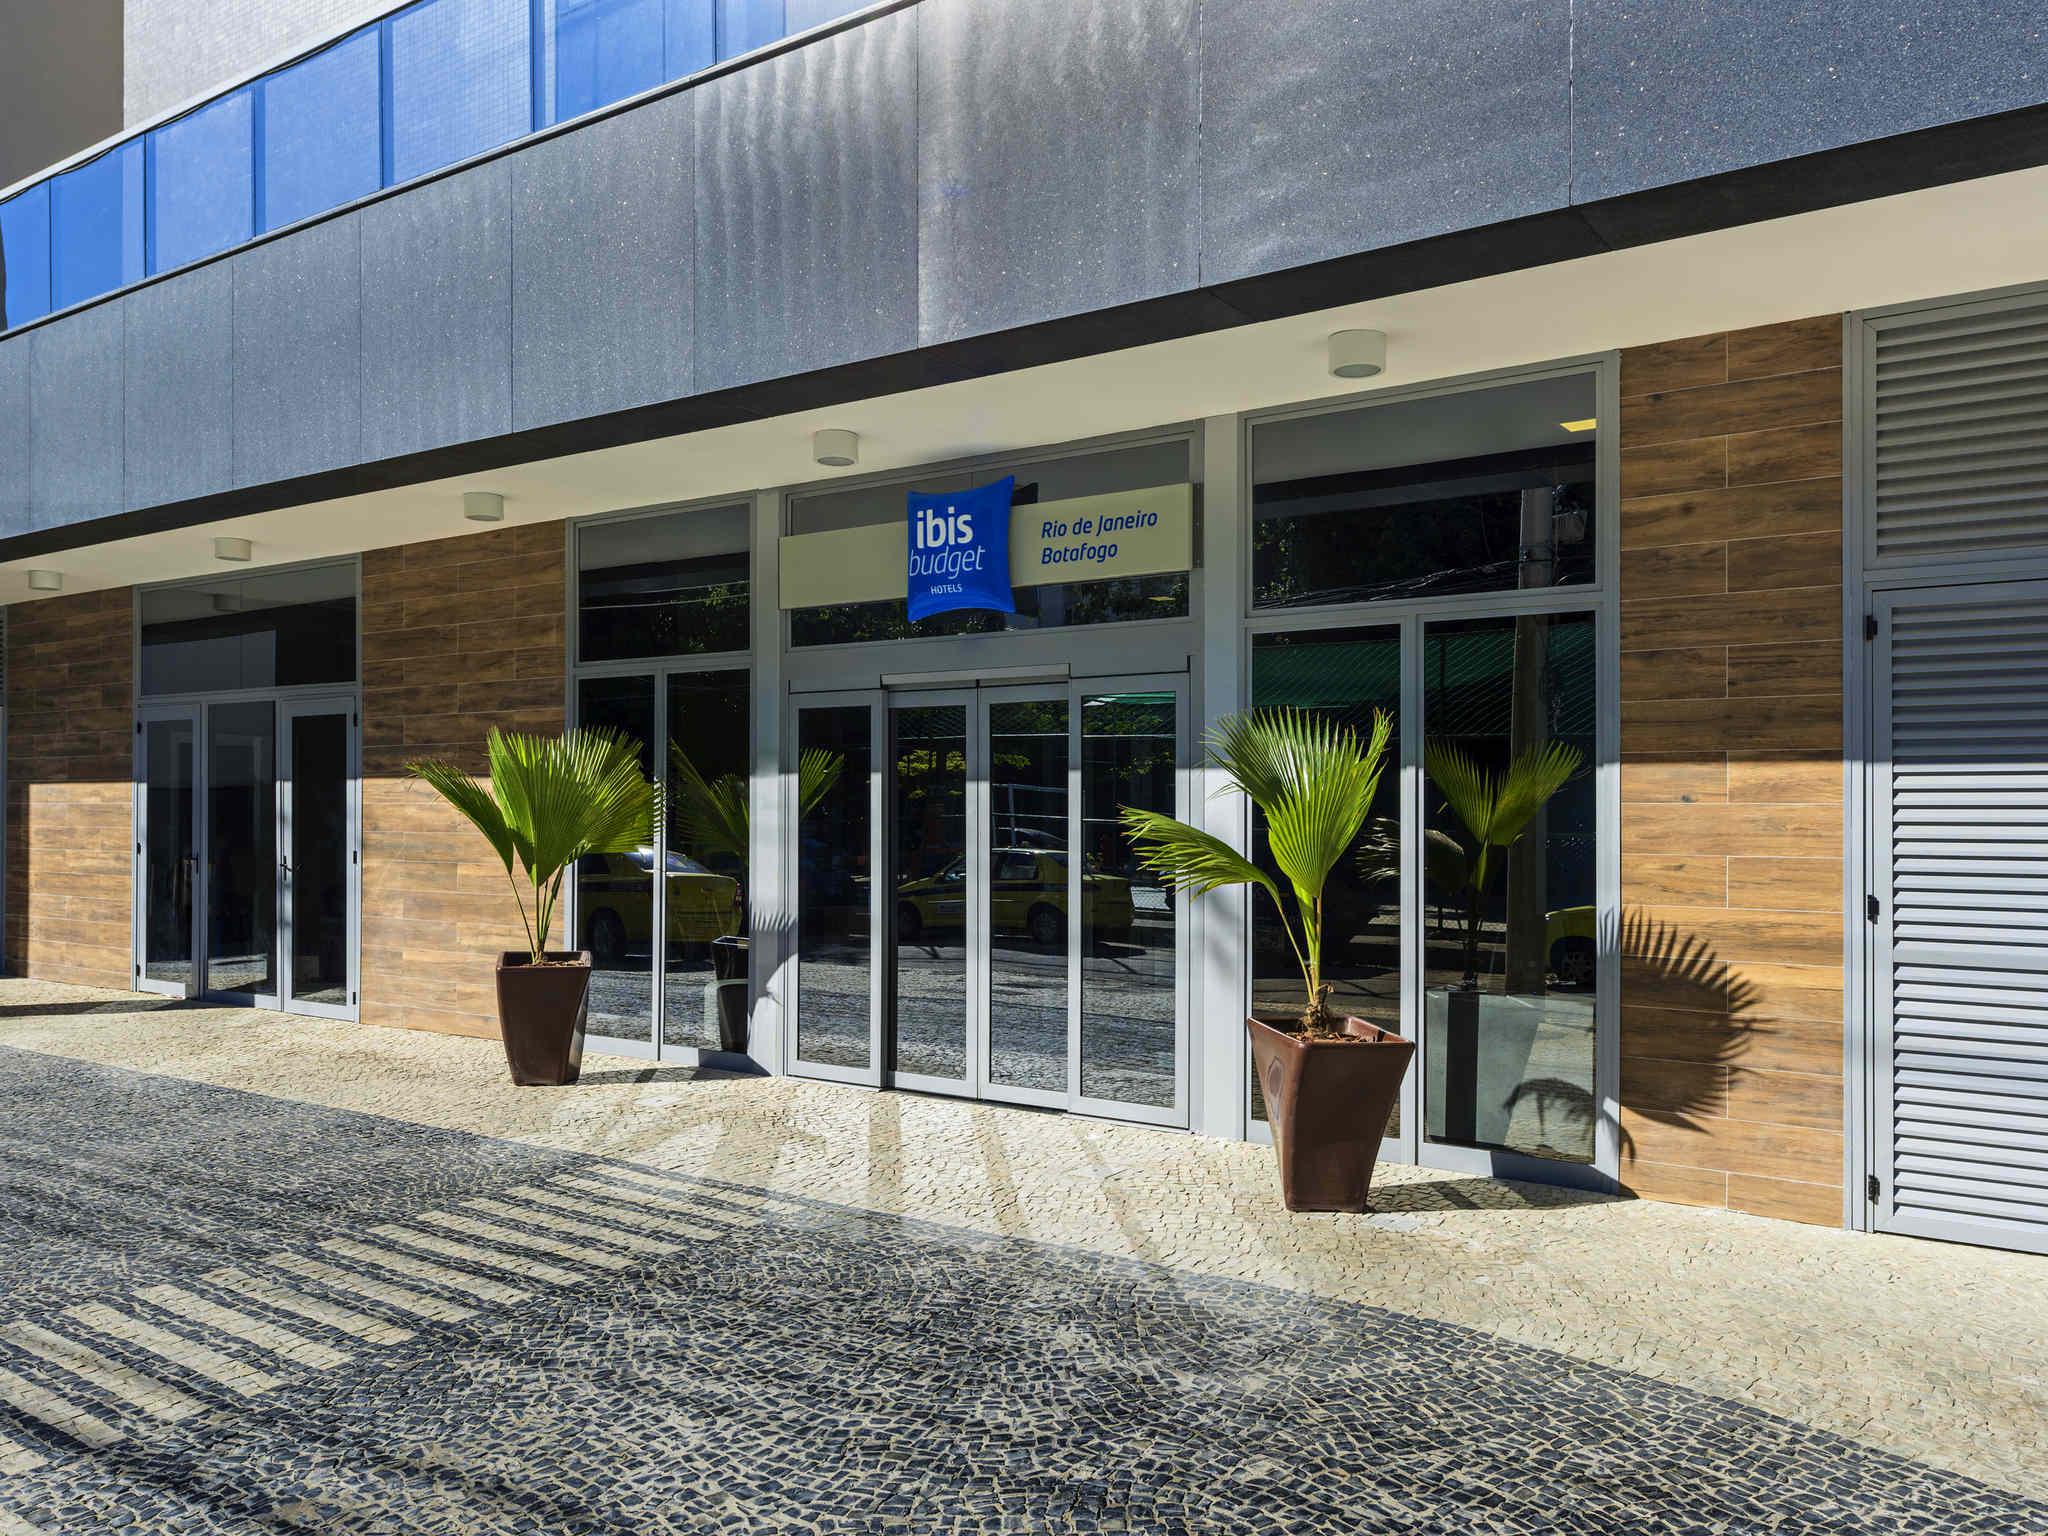 Hotel – ibis budget RJ Praia de Botafogo